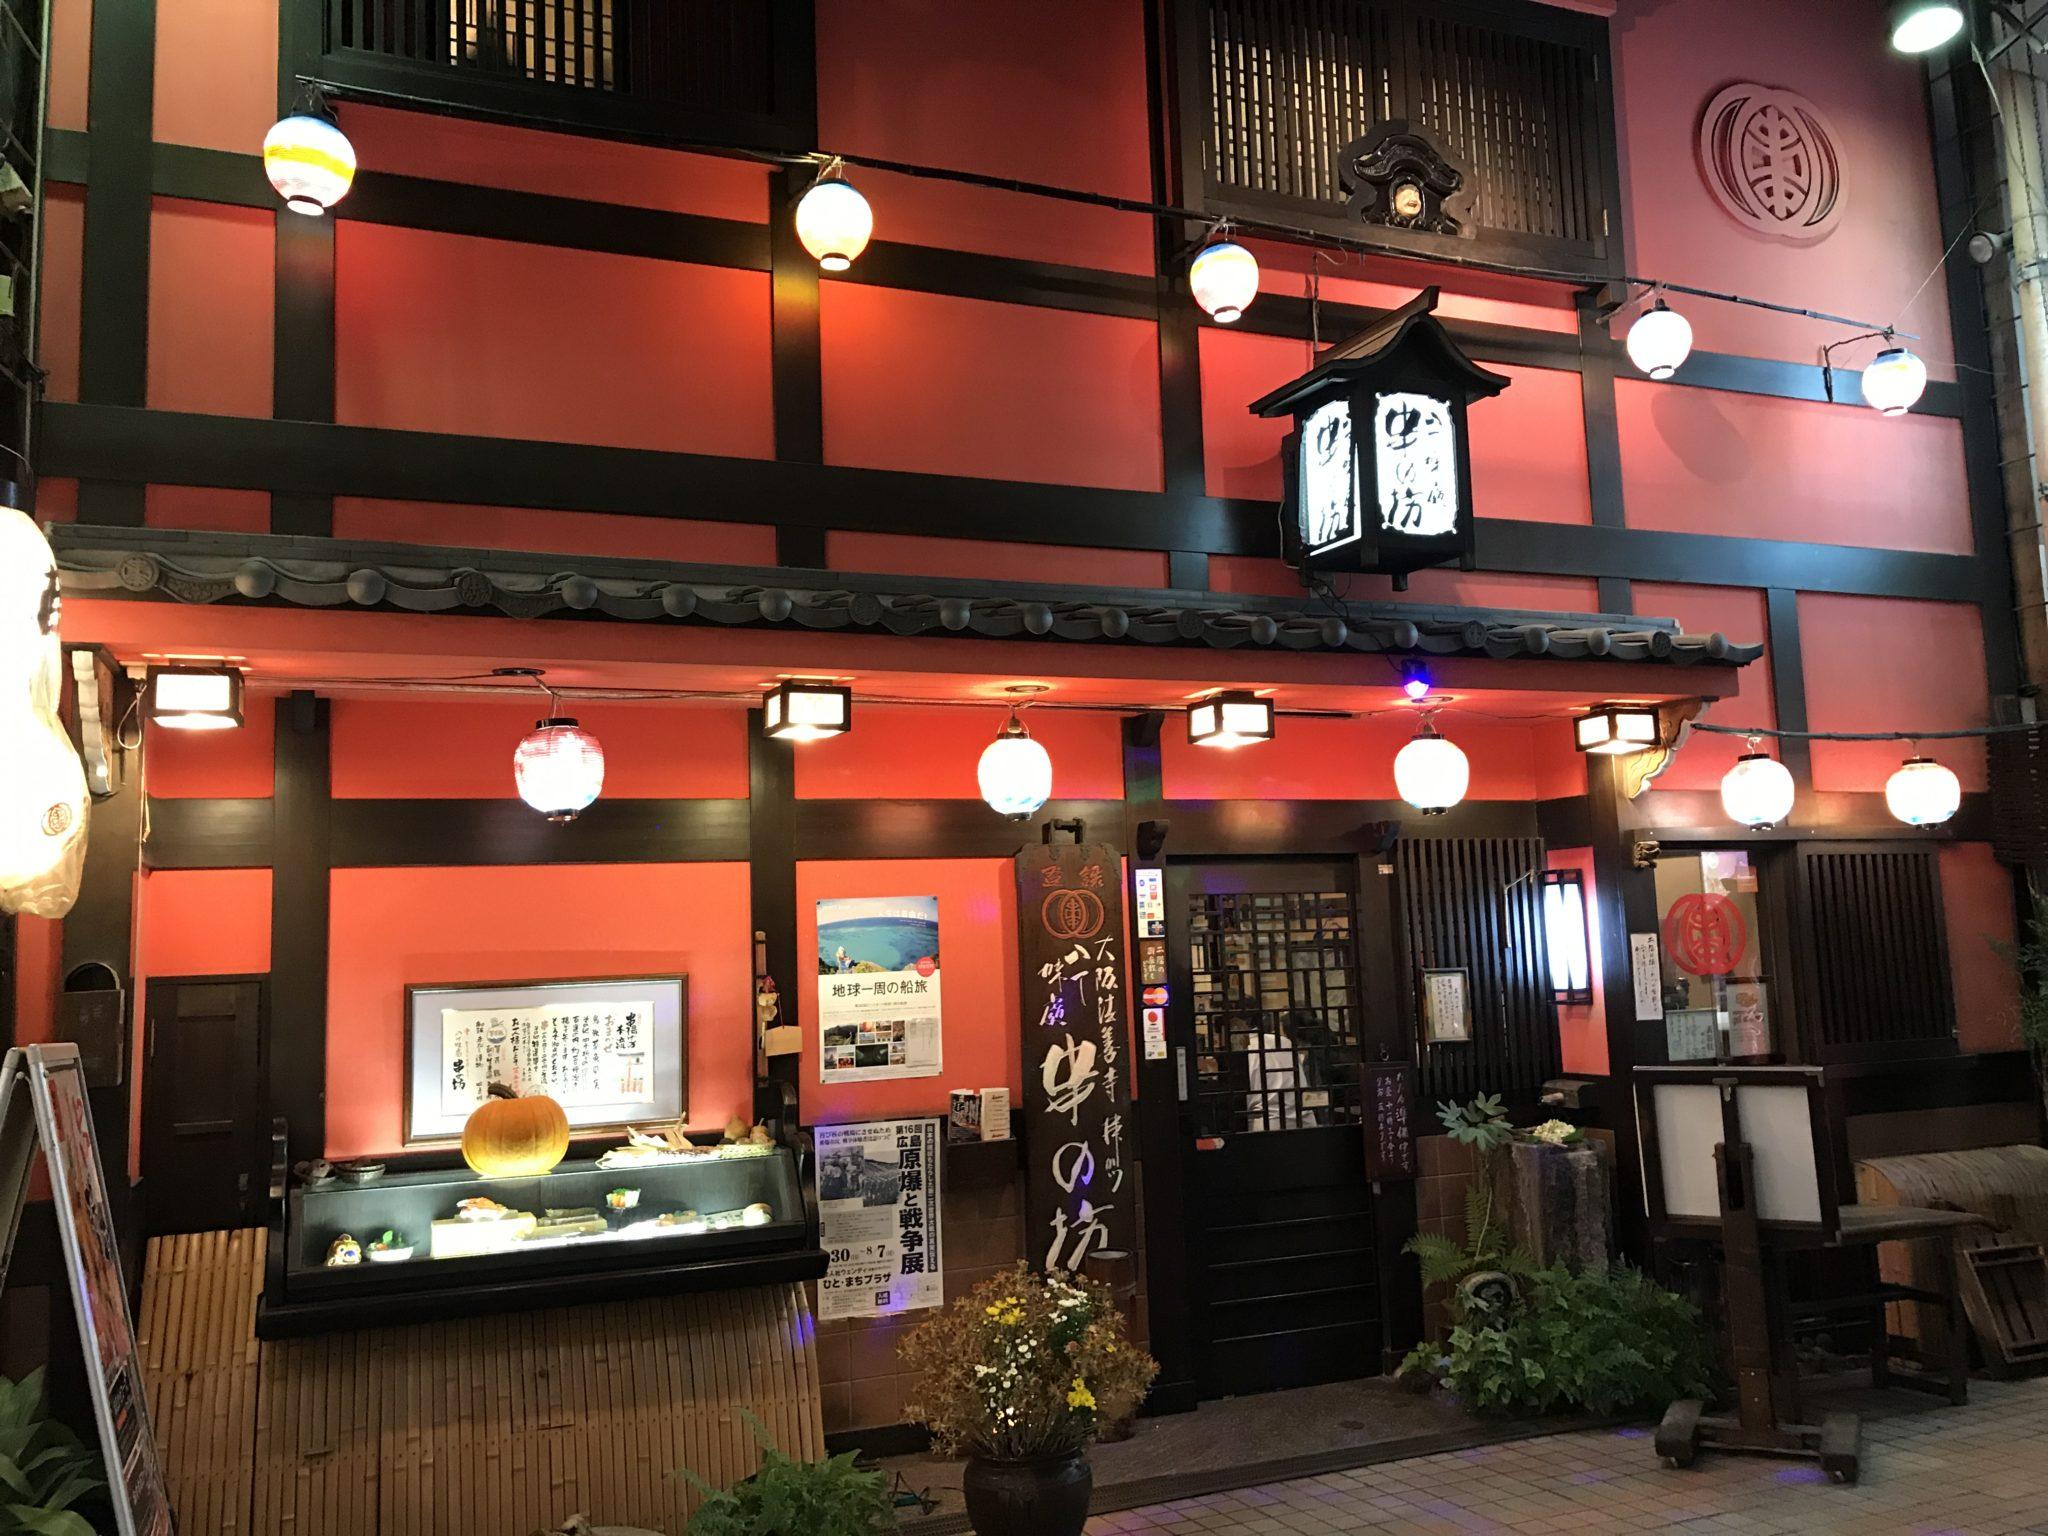 広島のグルメスポット「串の坊」